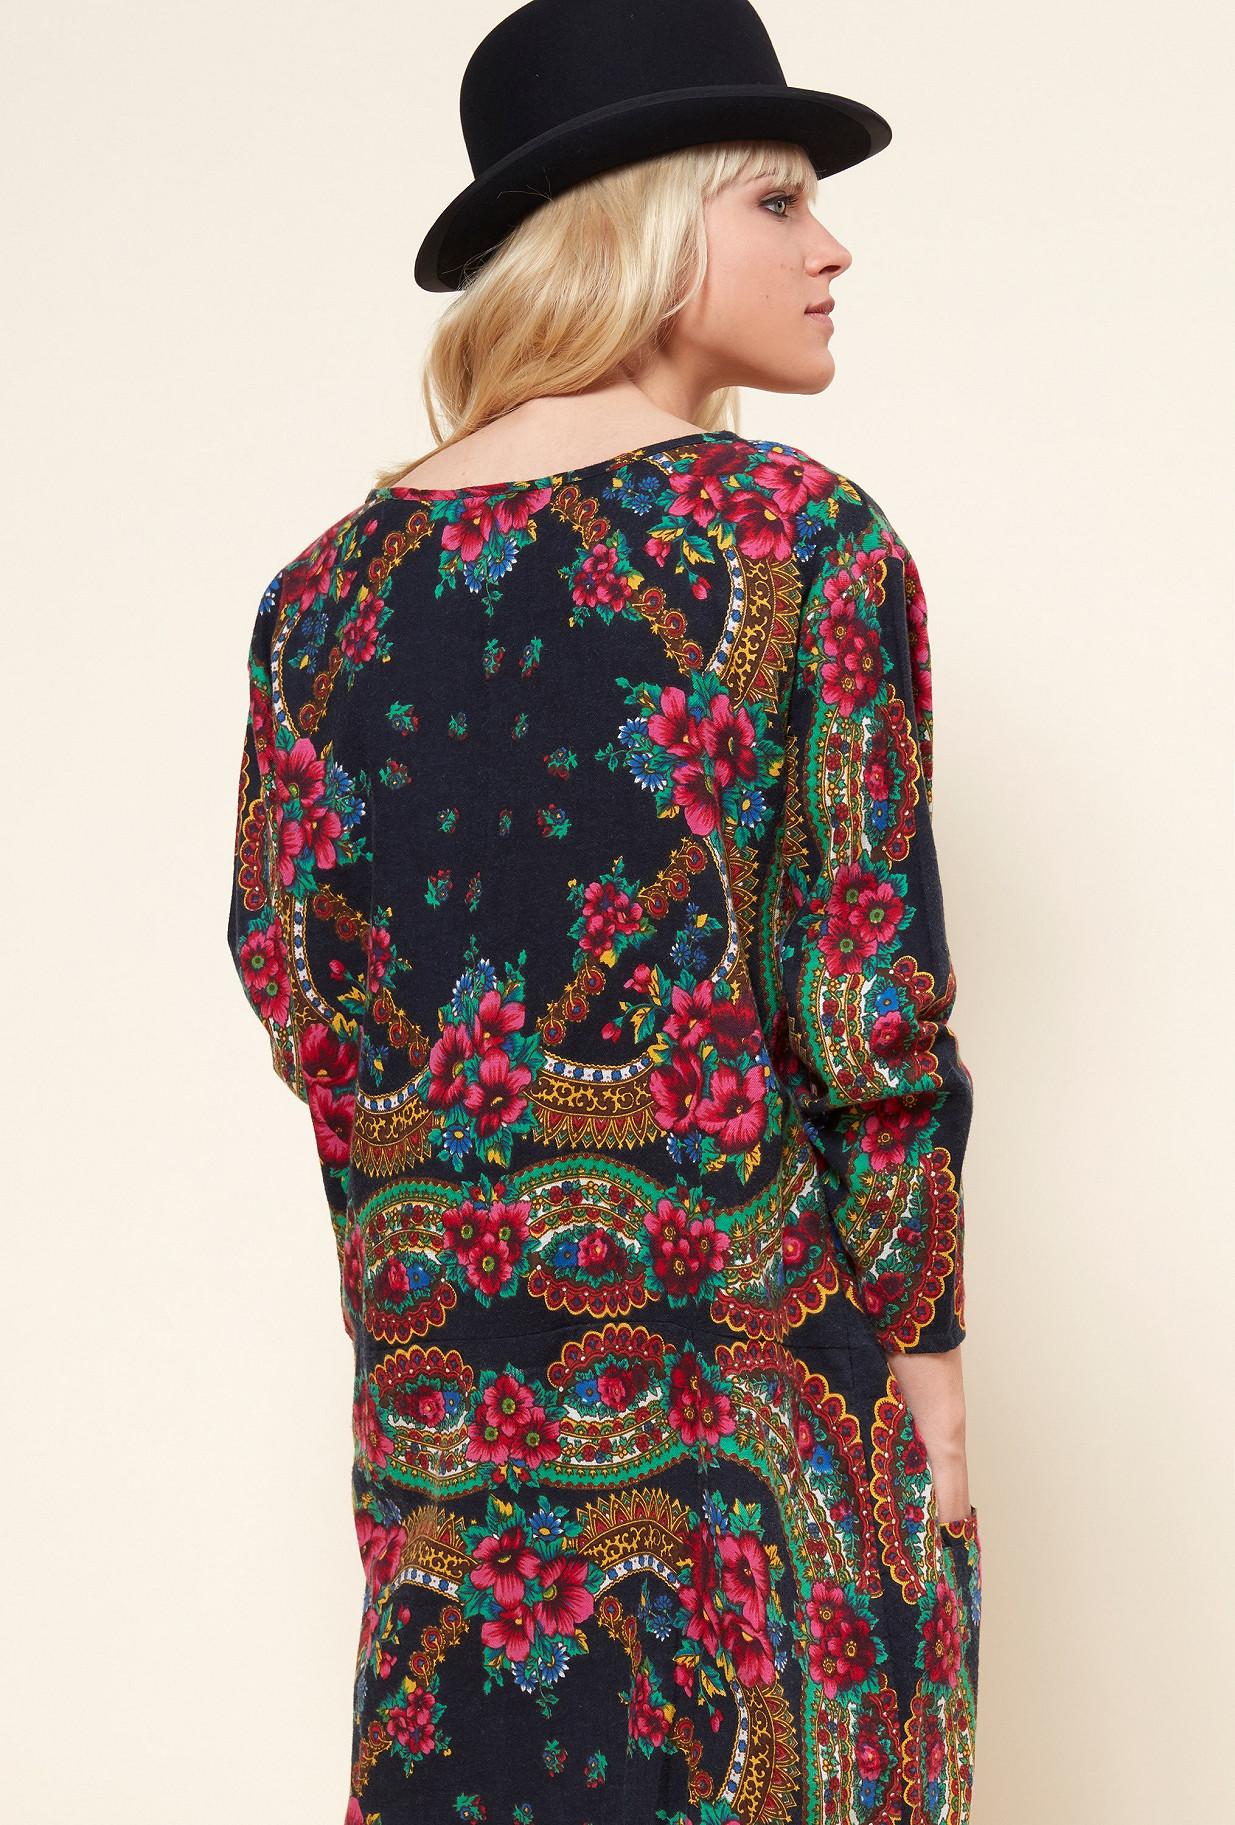 Black  Dress  Pachmina Mes demoiselles fashion clothes designer Paris